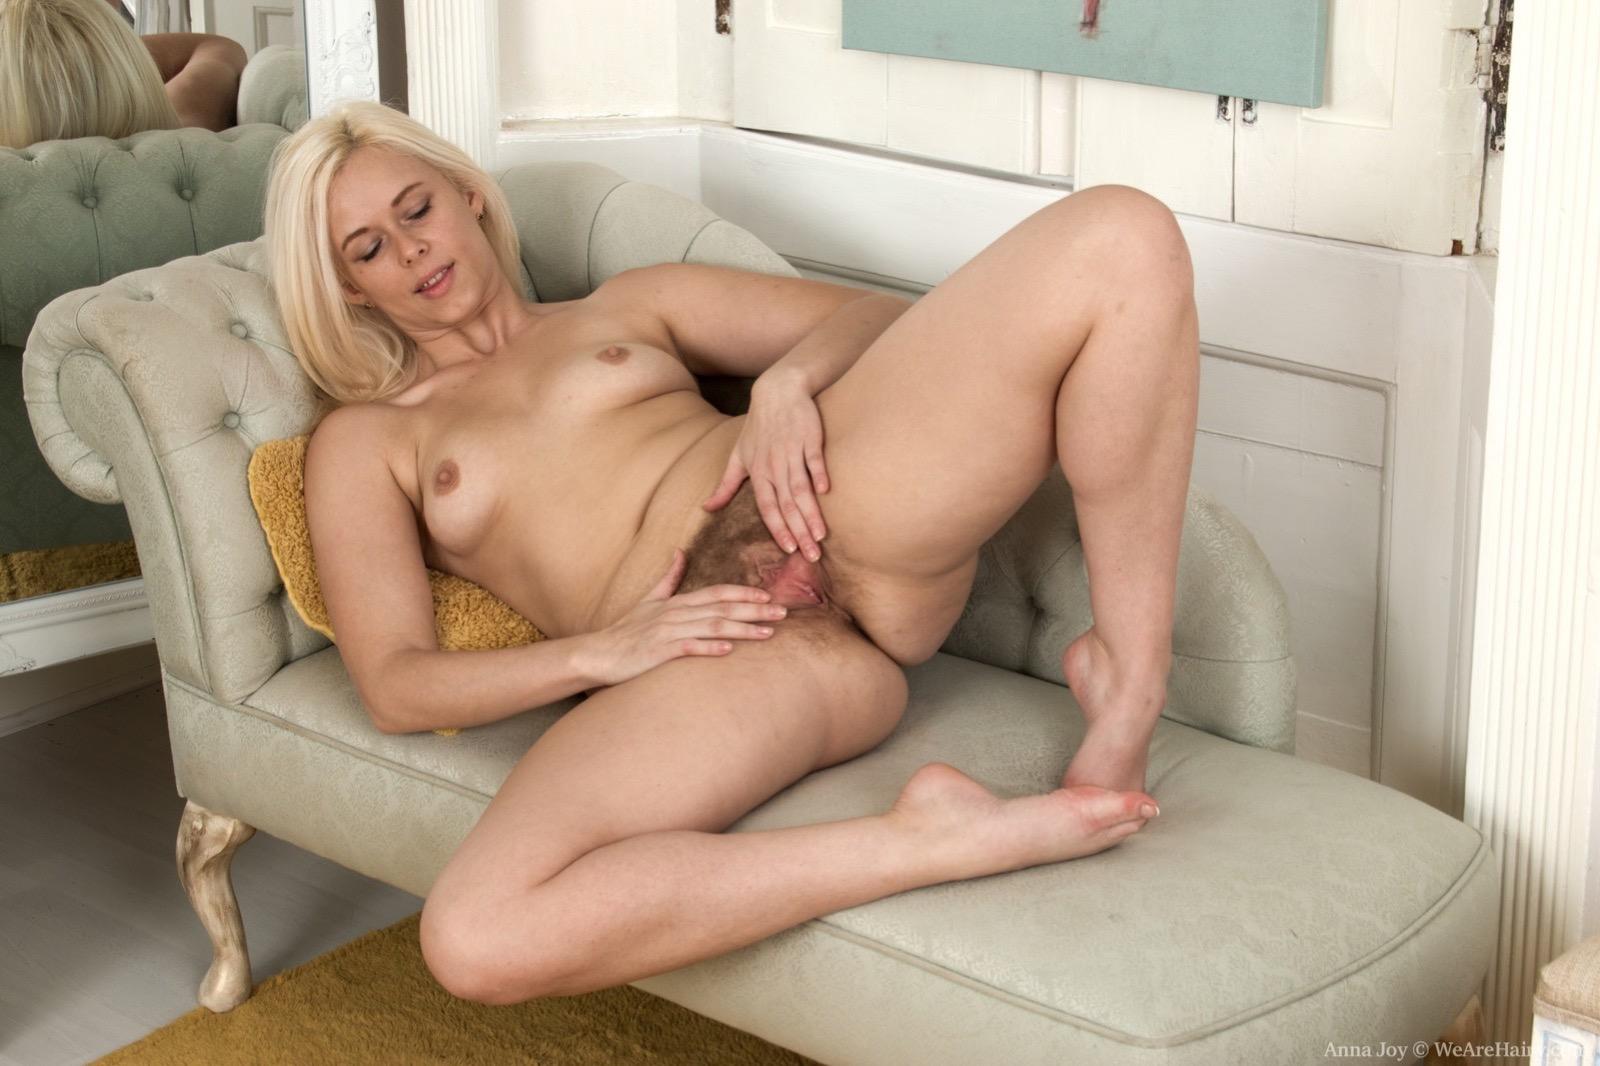 porn hairy spread legs